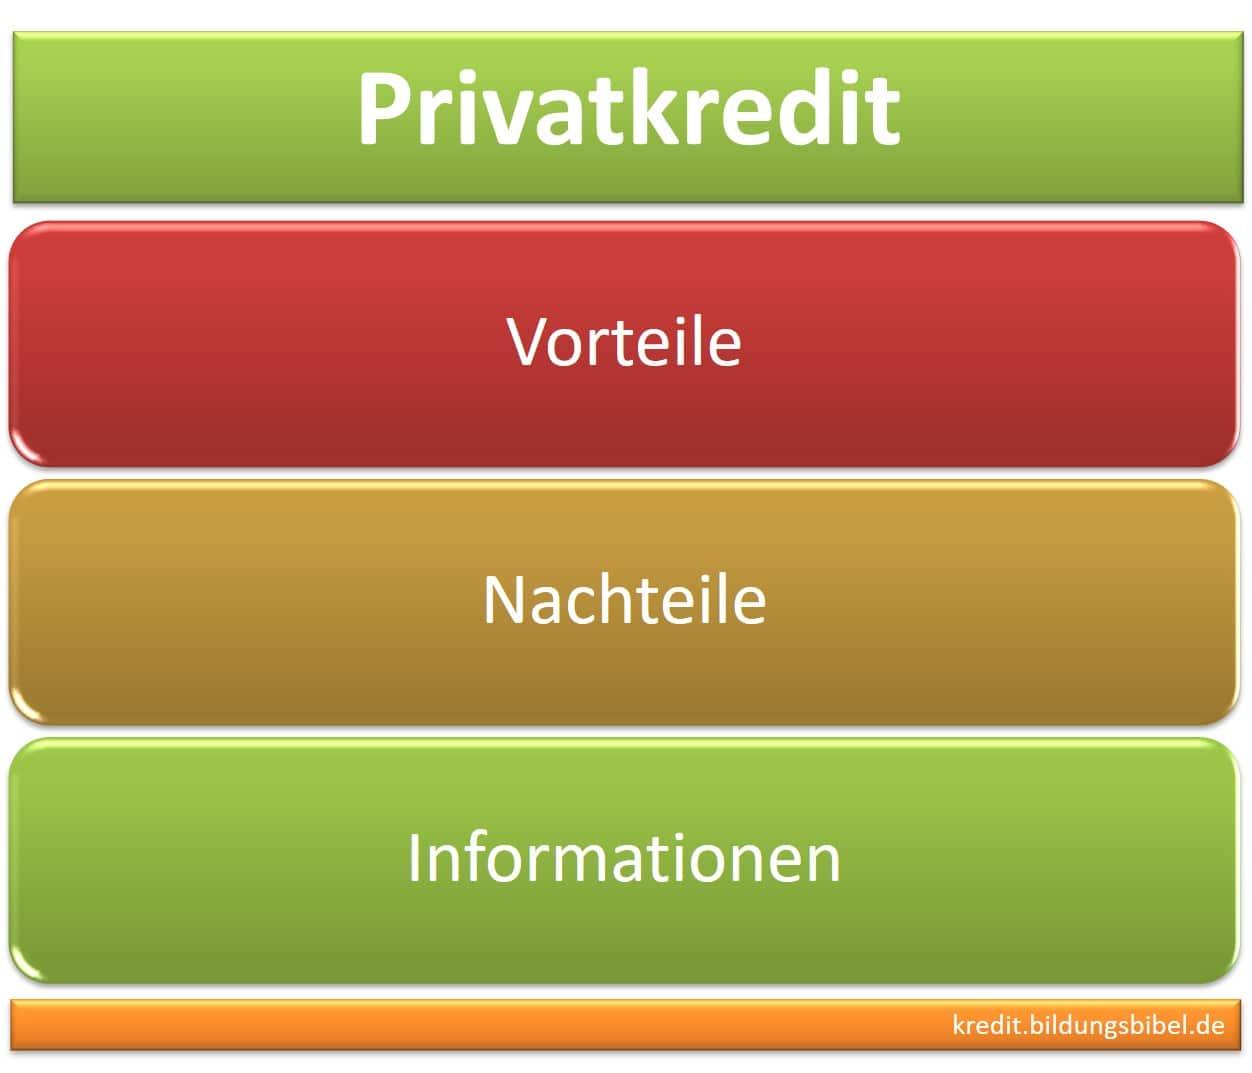 Der Privatkredit, ein privates Darlehen sowie die Vorteile und Nachteile